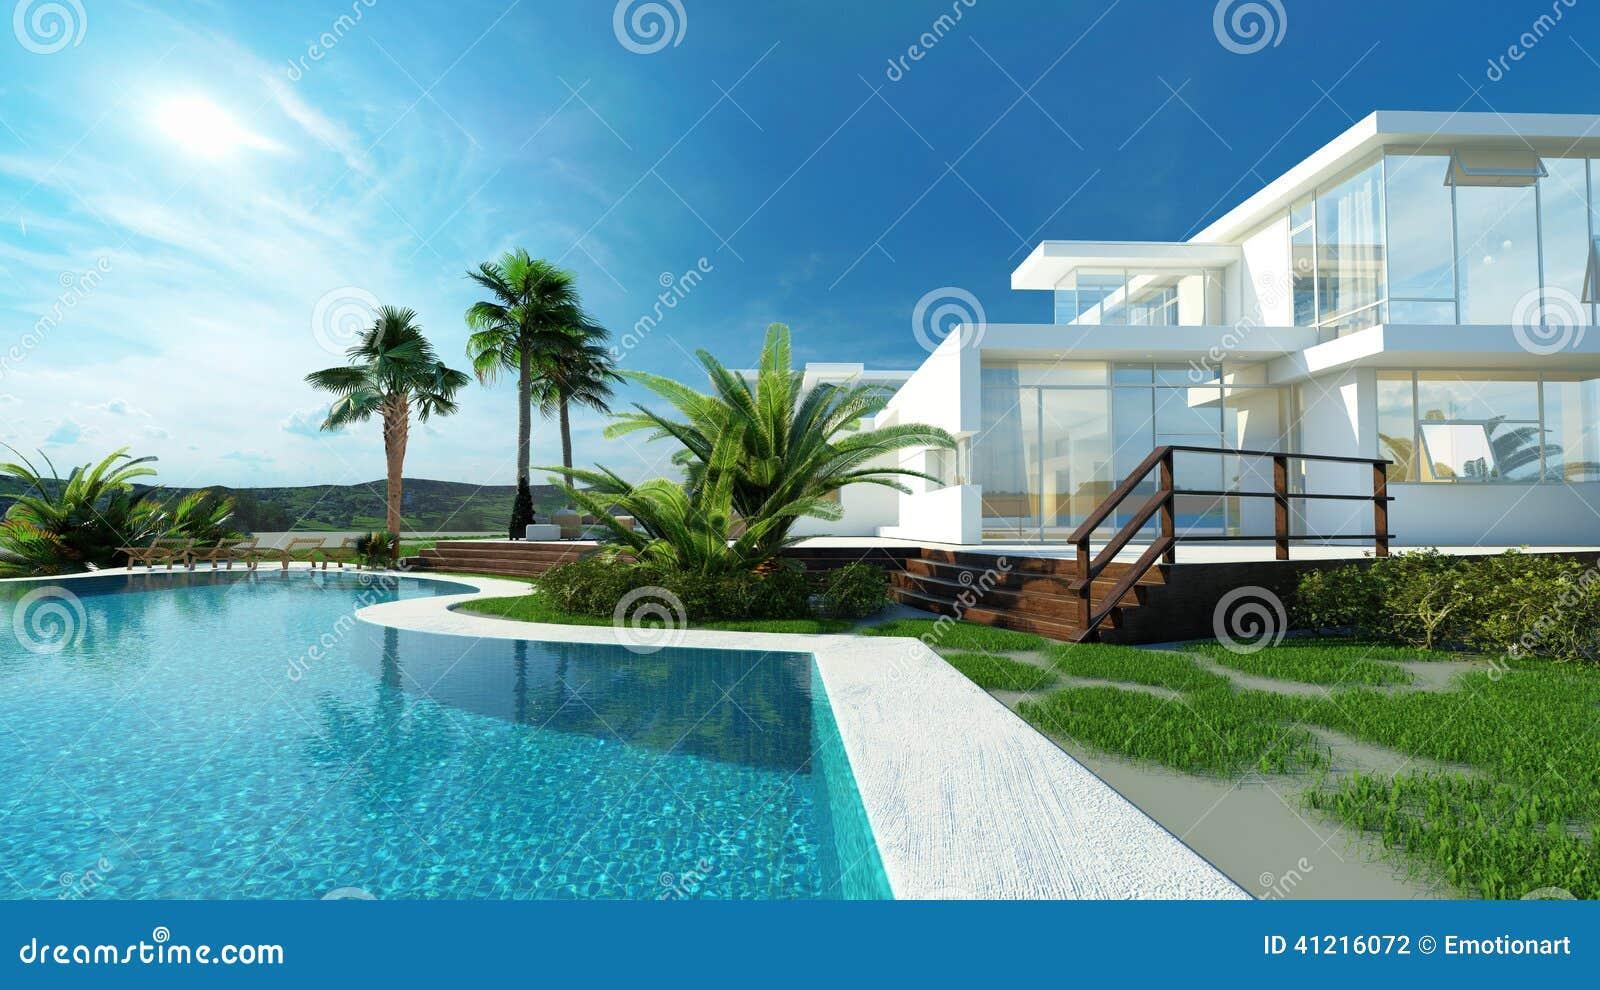 Casa de lujo con un jard n y una piscina tropicales stock for Casas de lujo con jardin y piscina